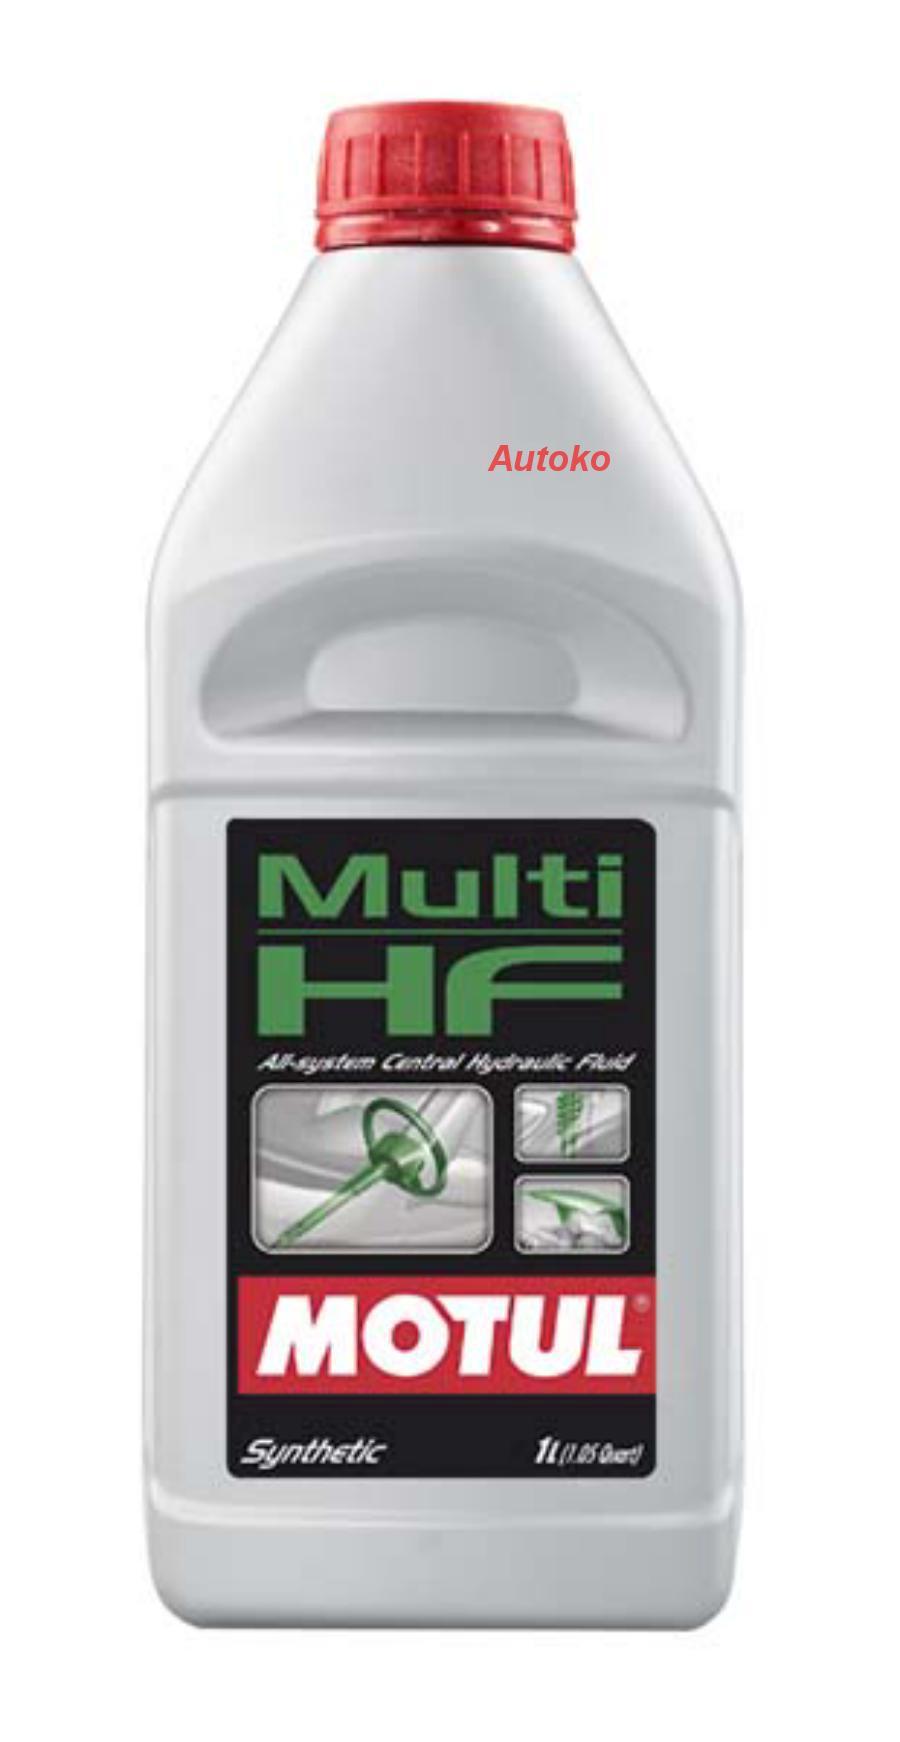 """Жидкость гур синтетическое """"Multi HF"""", 1л"""